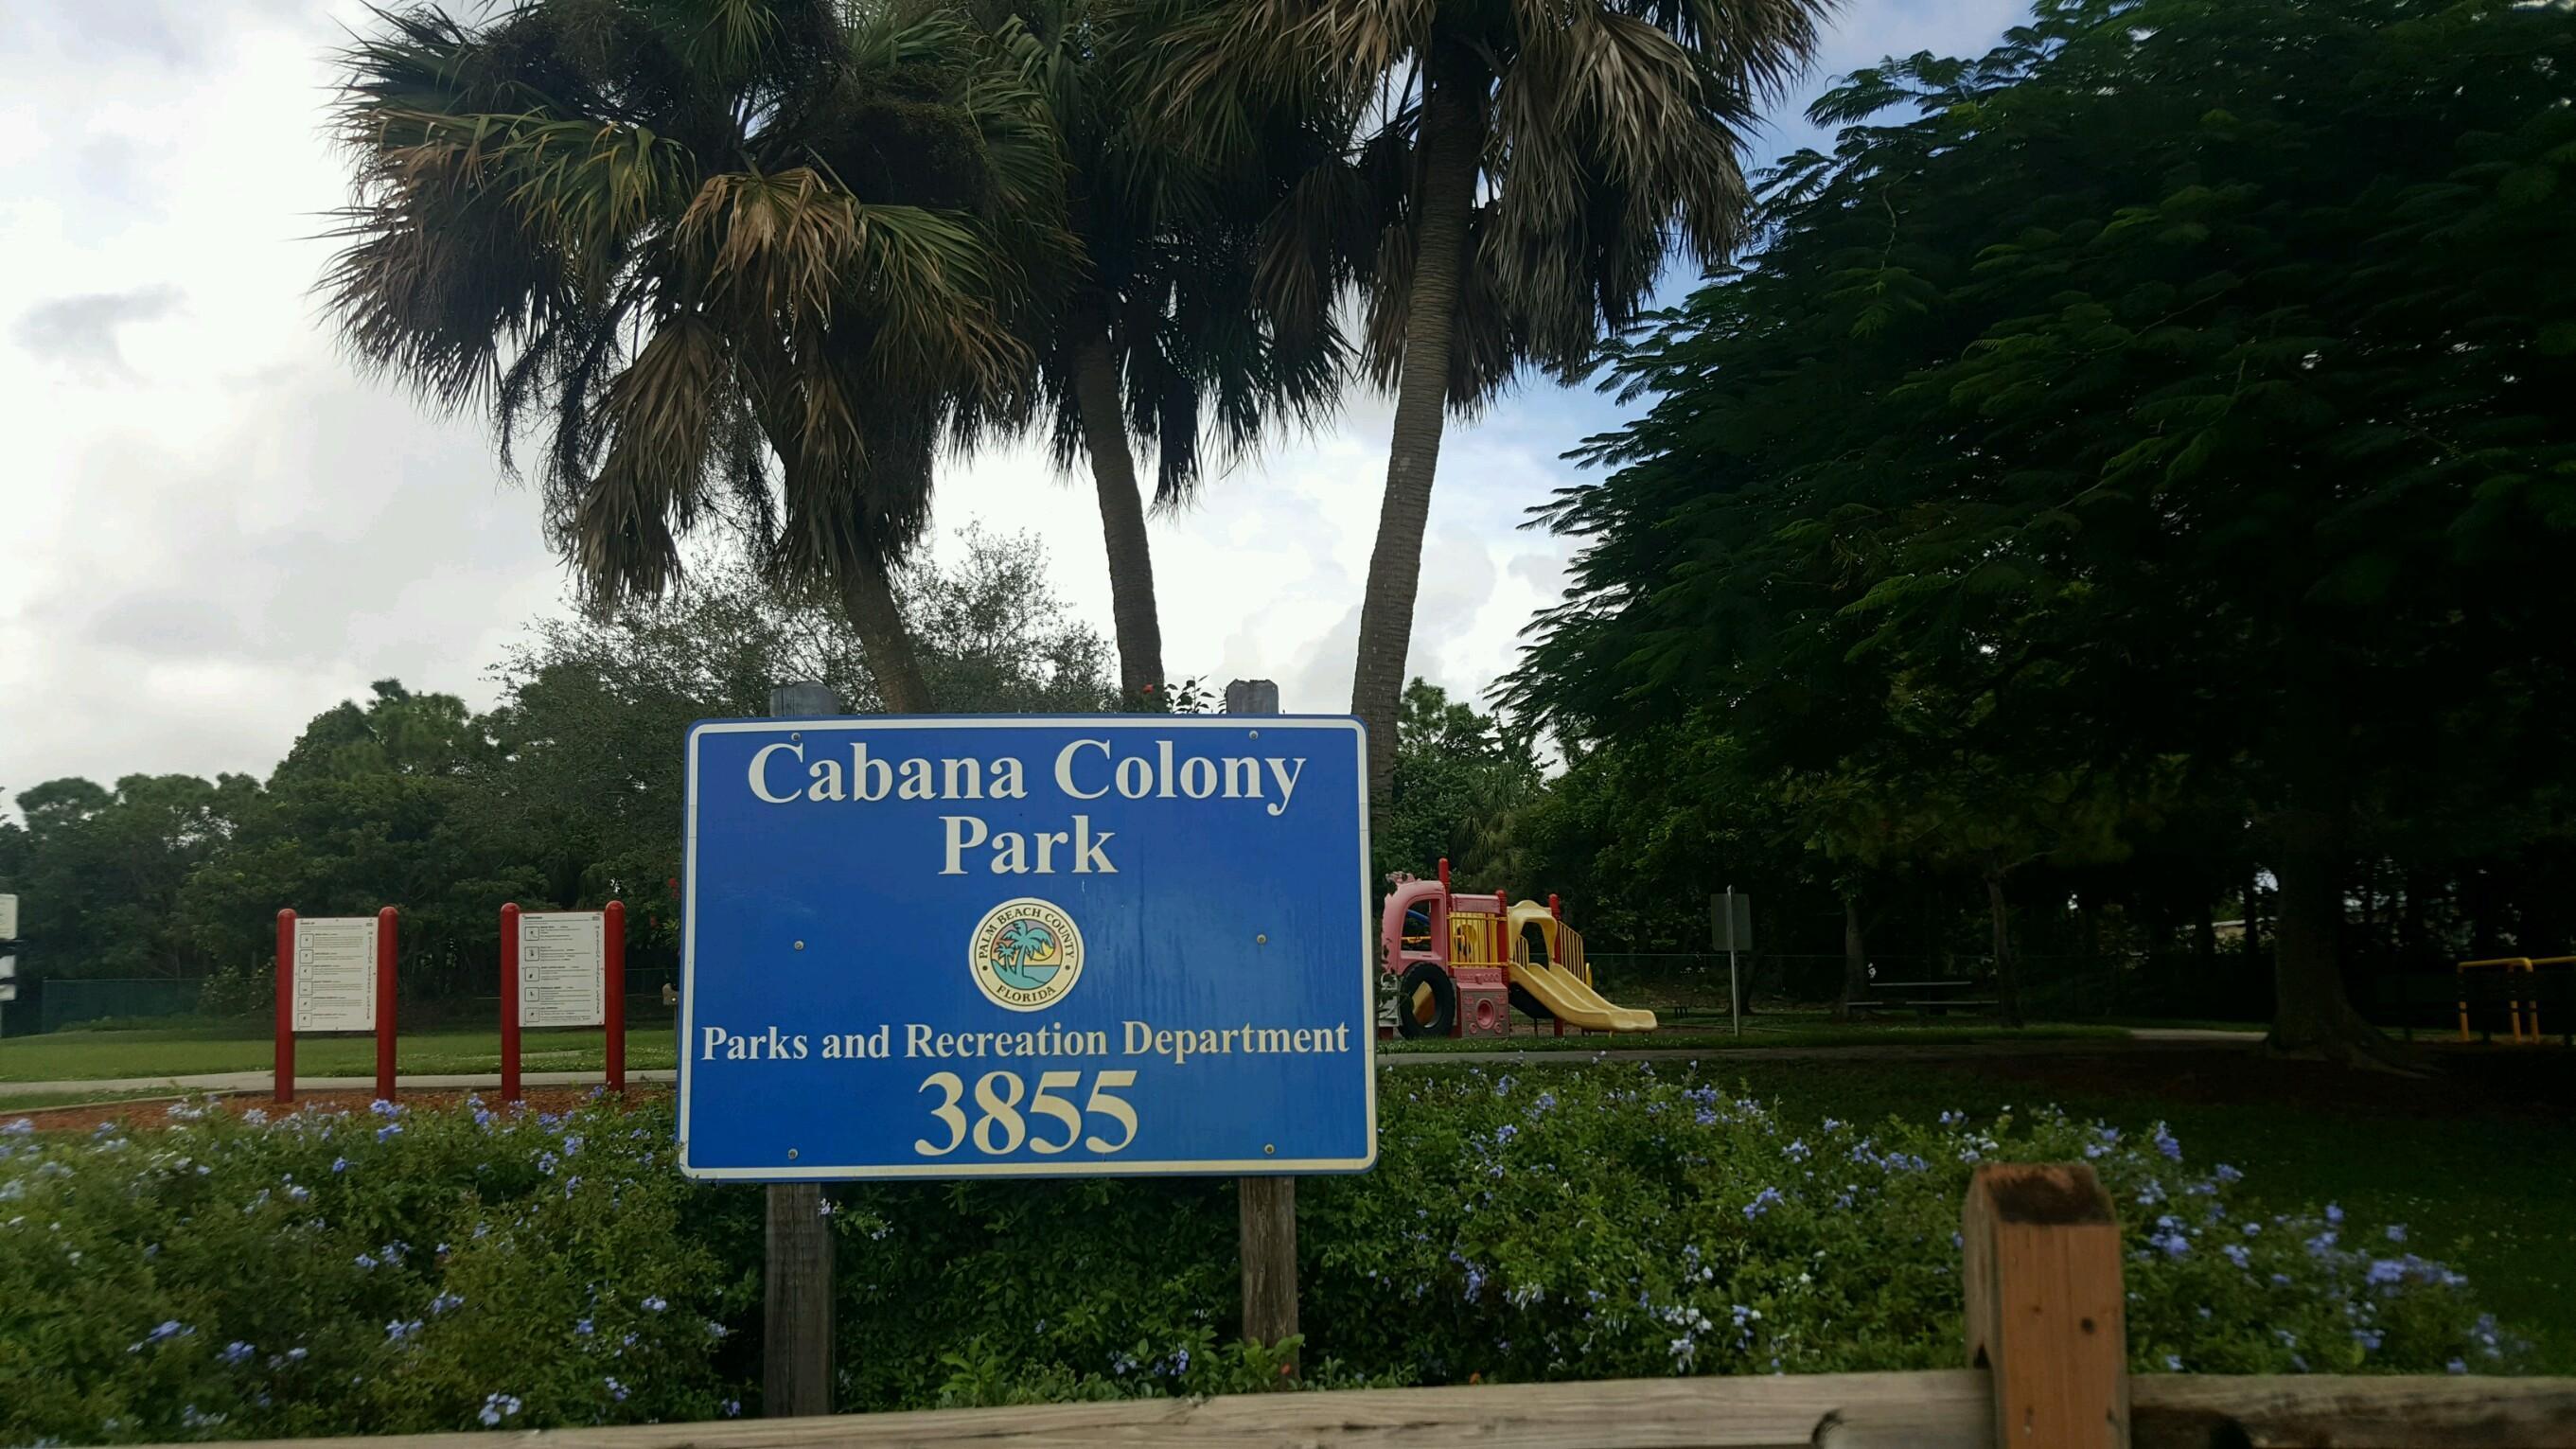 PALM BEACH CABANA COLONY 2 PALM BEACH GARDENS FLORIDA